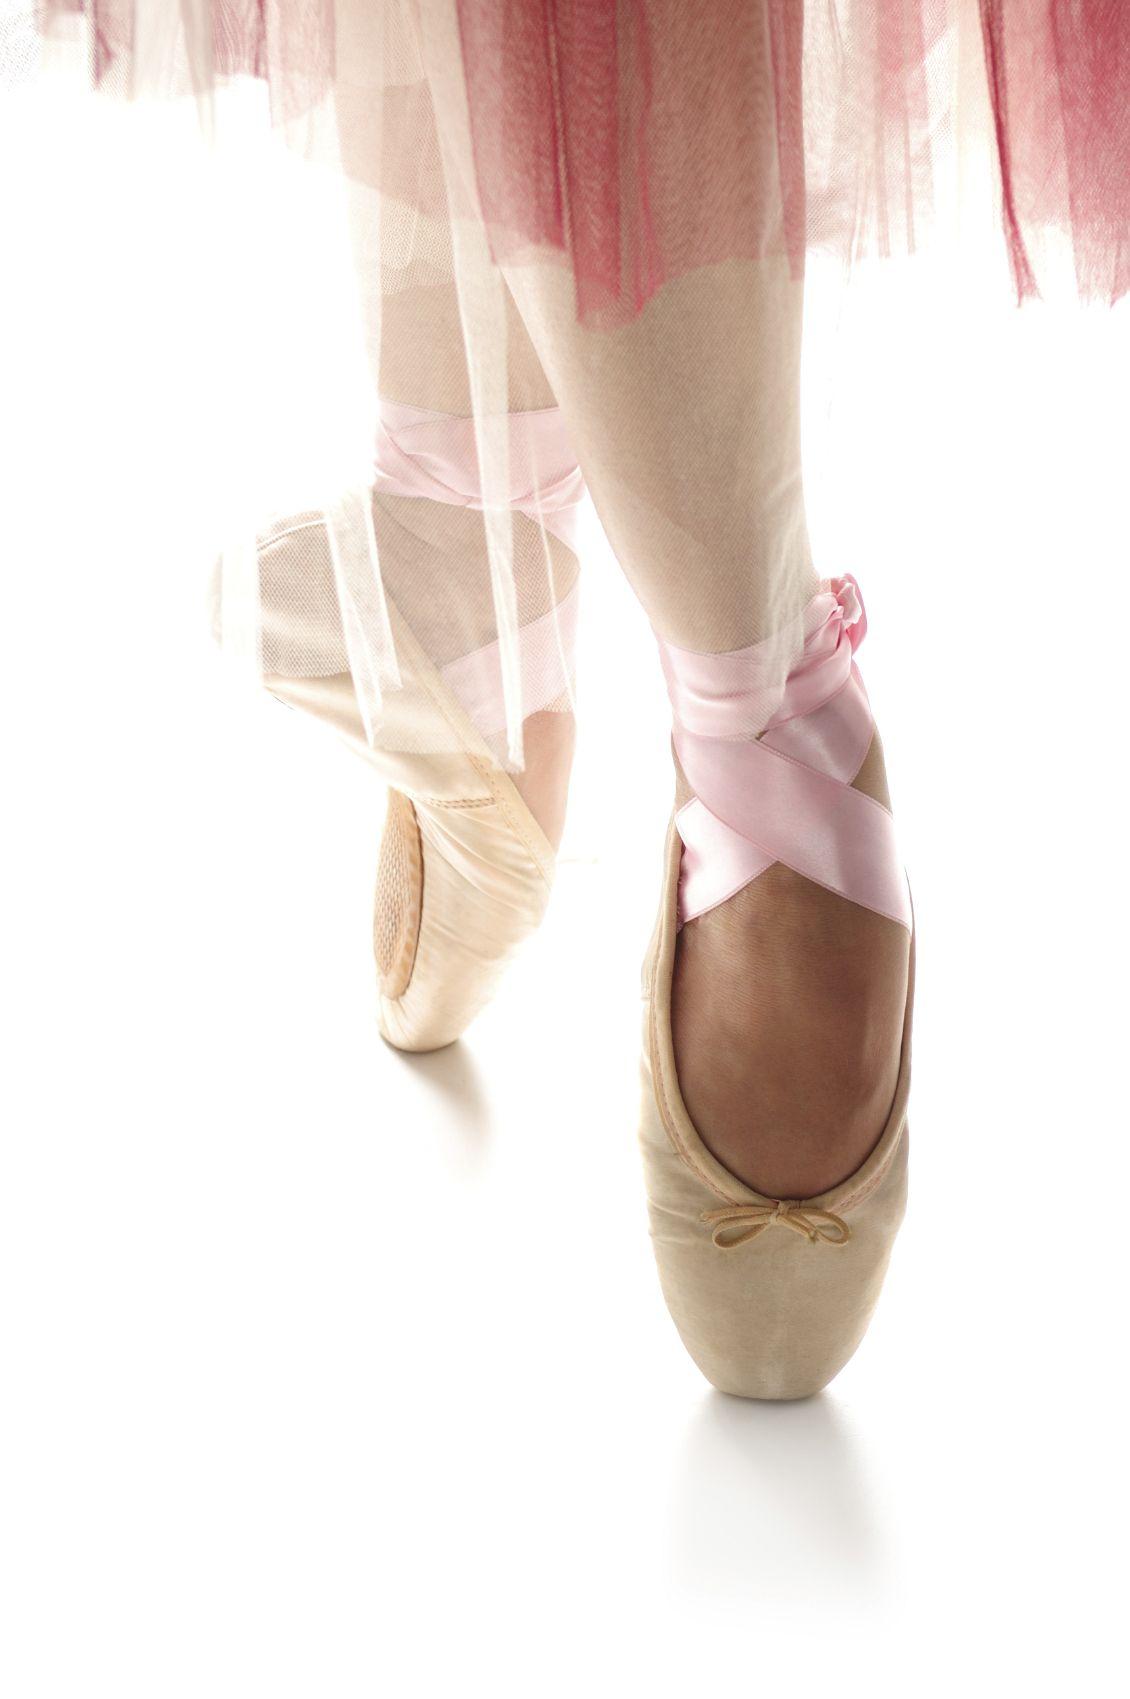 pointe shoes. Wish I still had mine : | Ballet